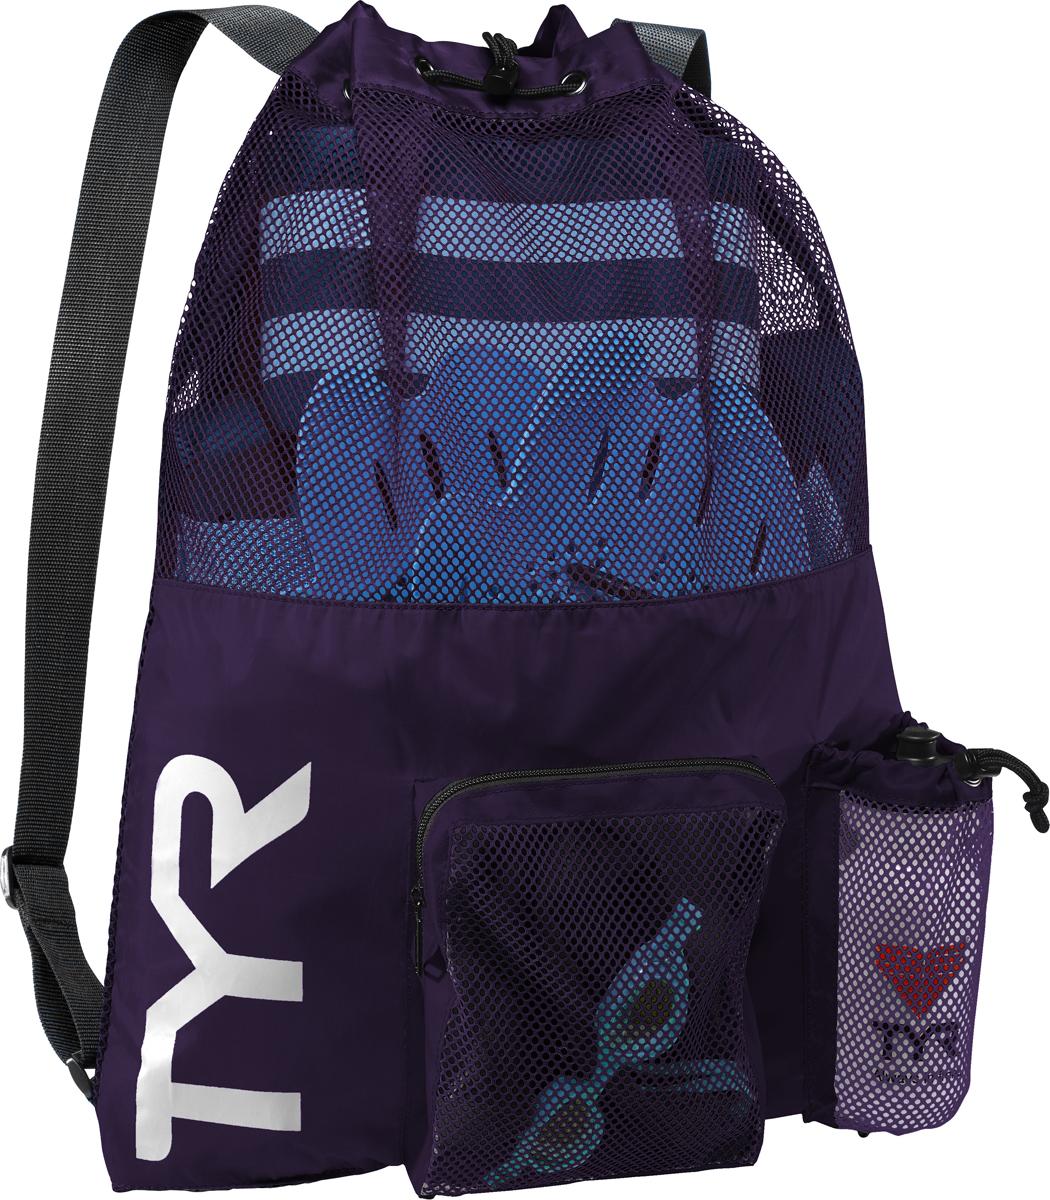 Рюкзак для аксессуаров Tyr Big Mesh Mummy Backpack, цвет: фиолетовый. LBMMB3LBMMB3Рюкзак TYR является идеальным выбором для транспортировки влажной плавательной экипировки. Его очень комфортно носить на спине благодаря удобным лямкам и сетчатой проветриваемой поверхности. Мешок сделан из легкого и прочного материала, который обеспечивает долгий срок службы. Мешок имеет боковой карман на молнии и карман для бутылки. Благодаря устойчивости к влаге можно брать с собой как в бассейн, так и на пляж.